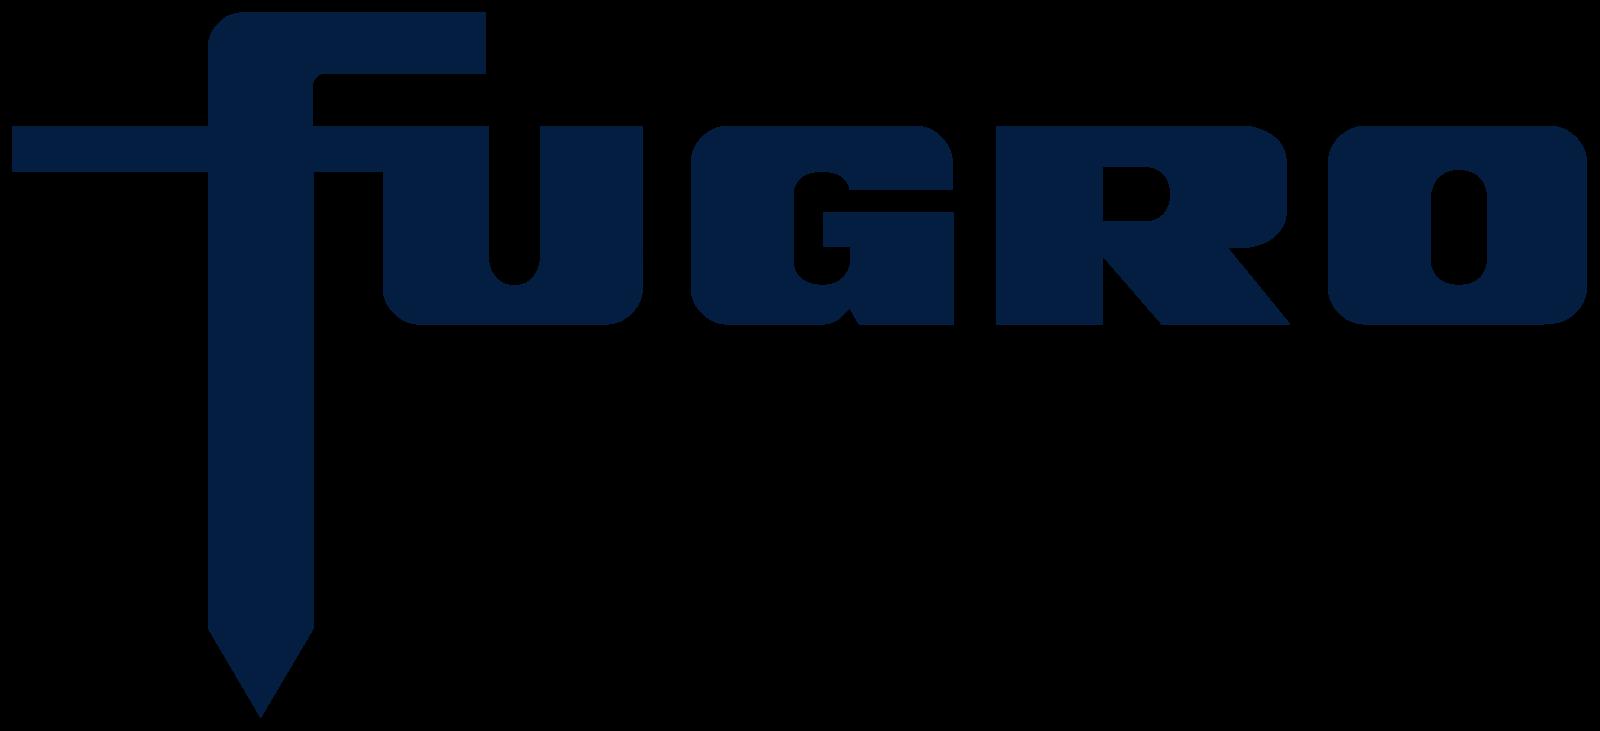 Logo di Fugro